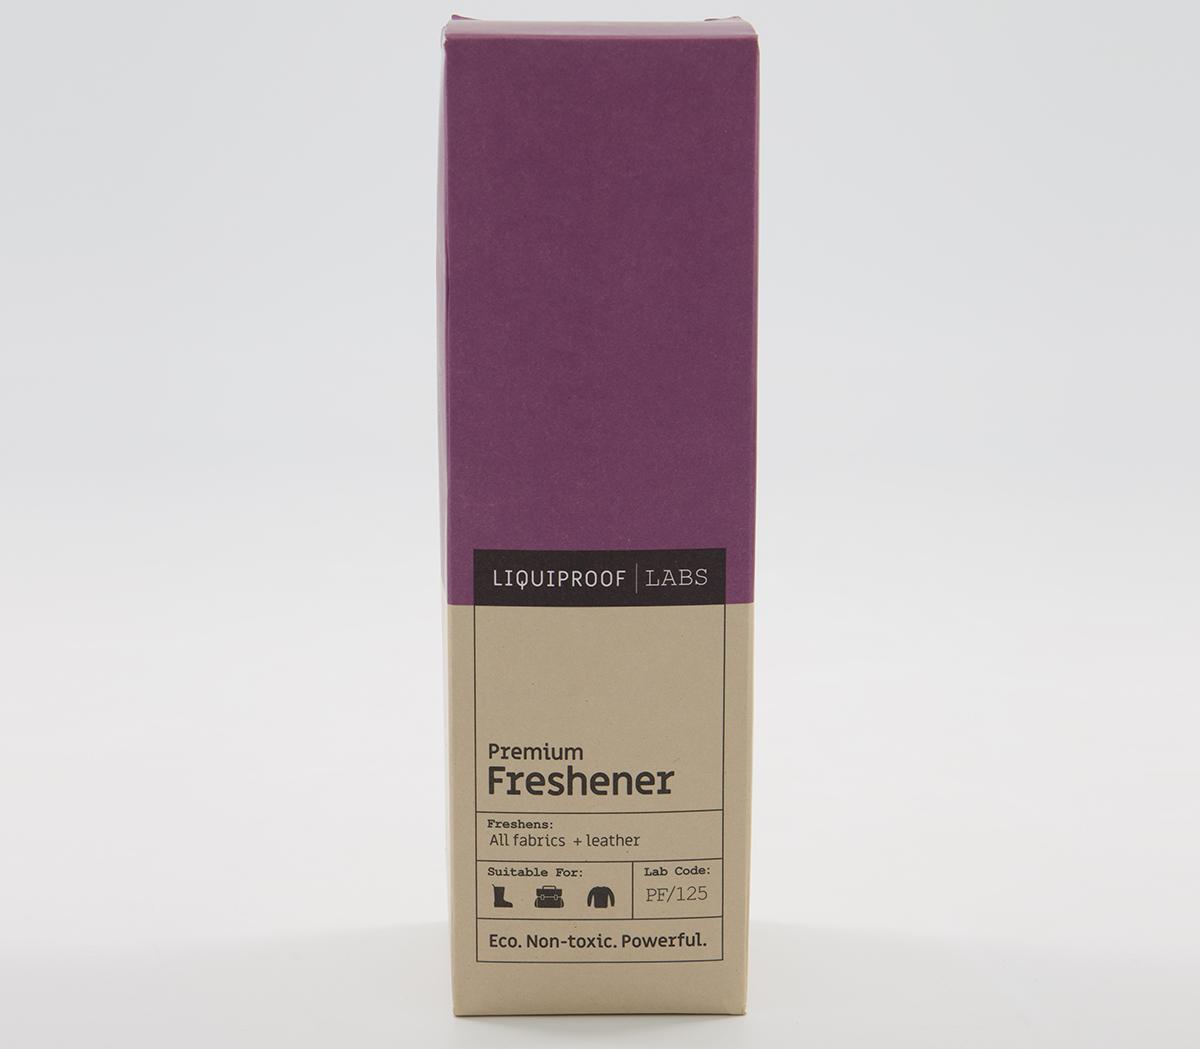 Liquiproof Premium Freshener 125ml